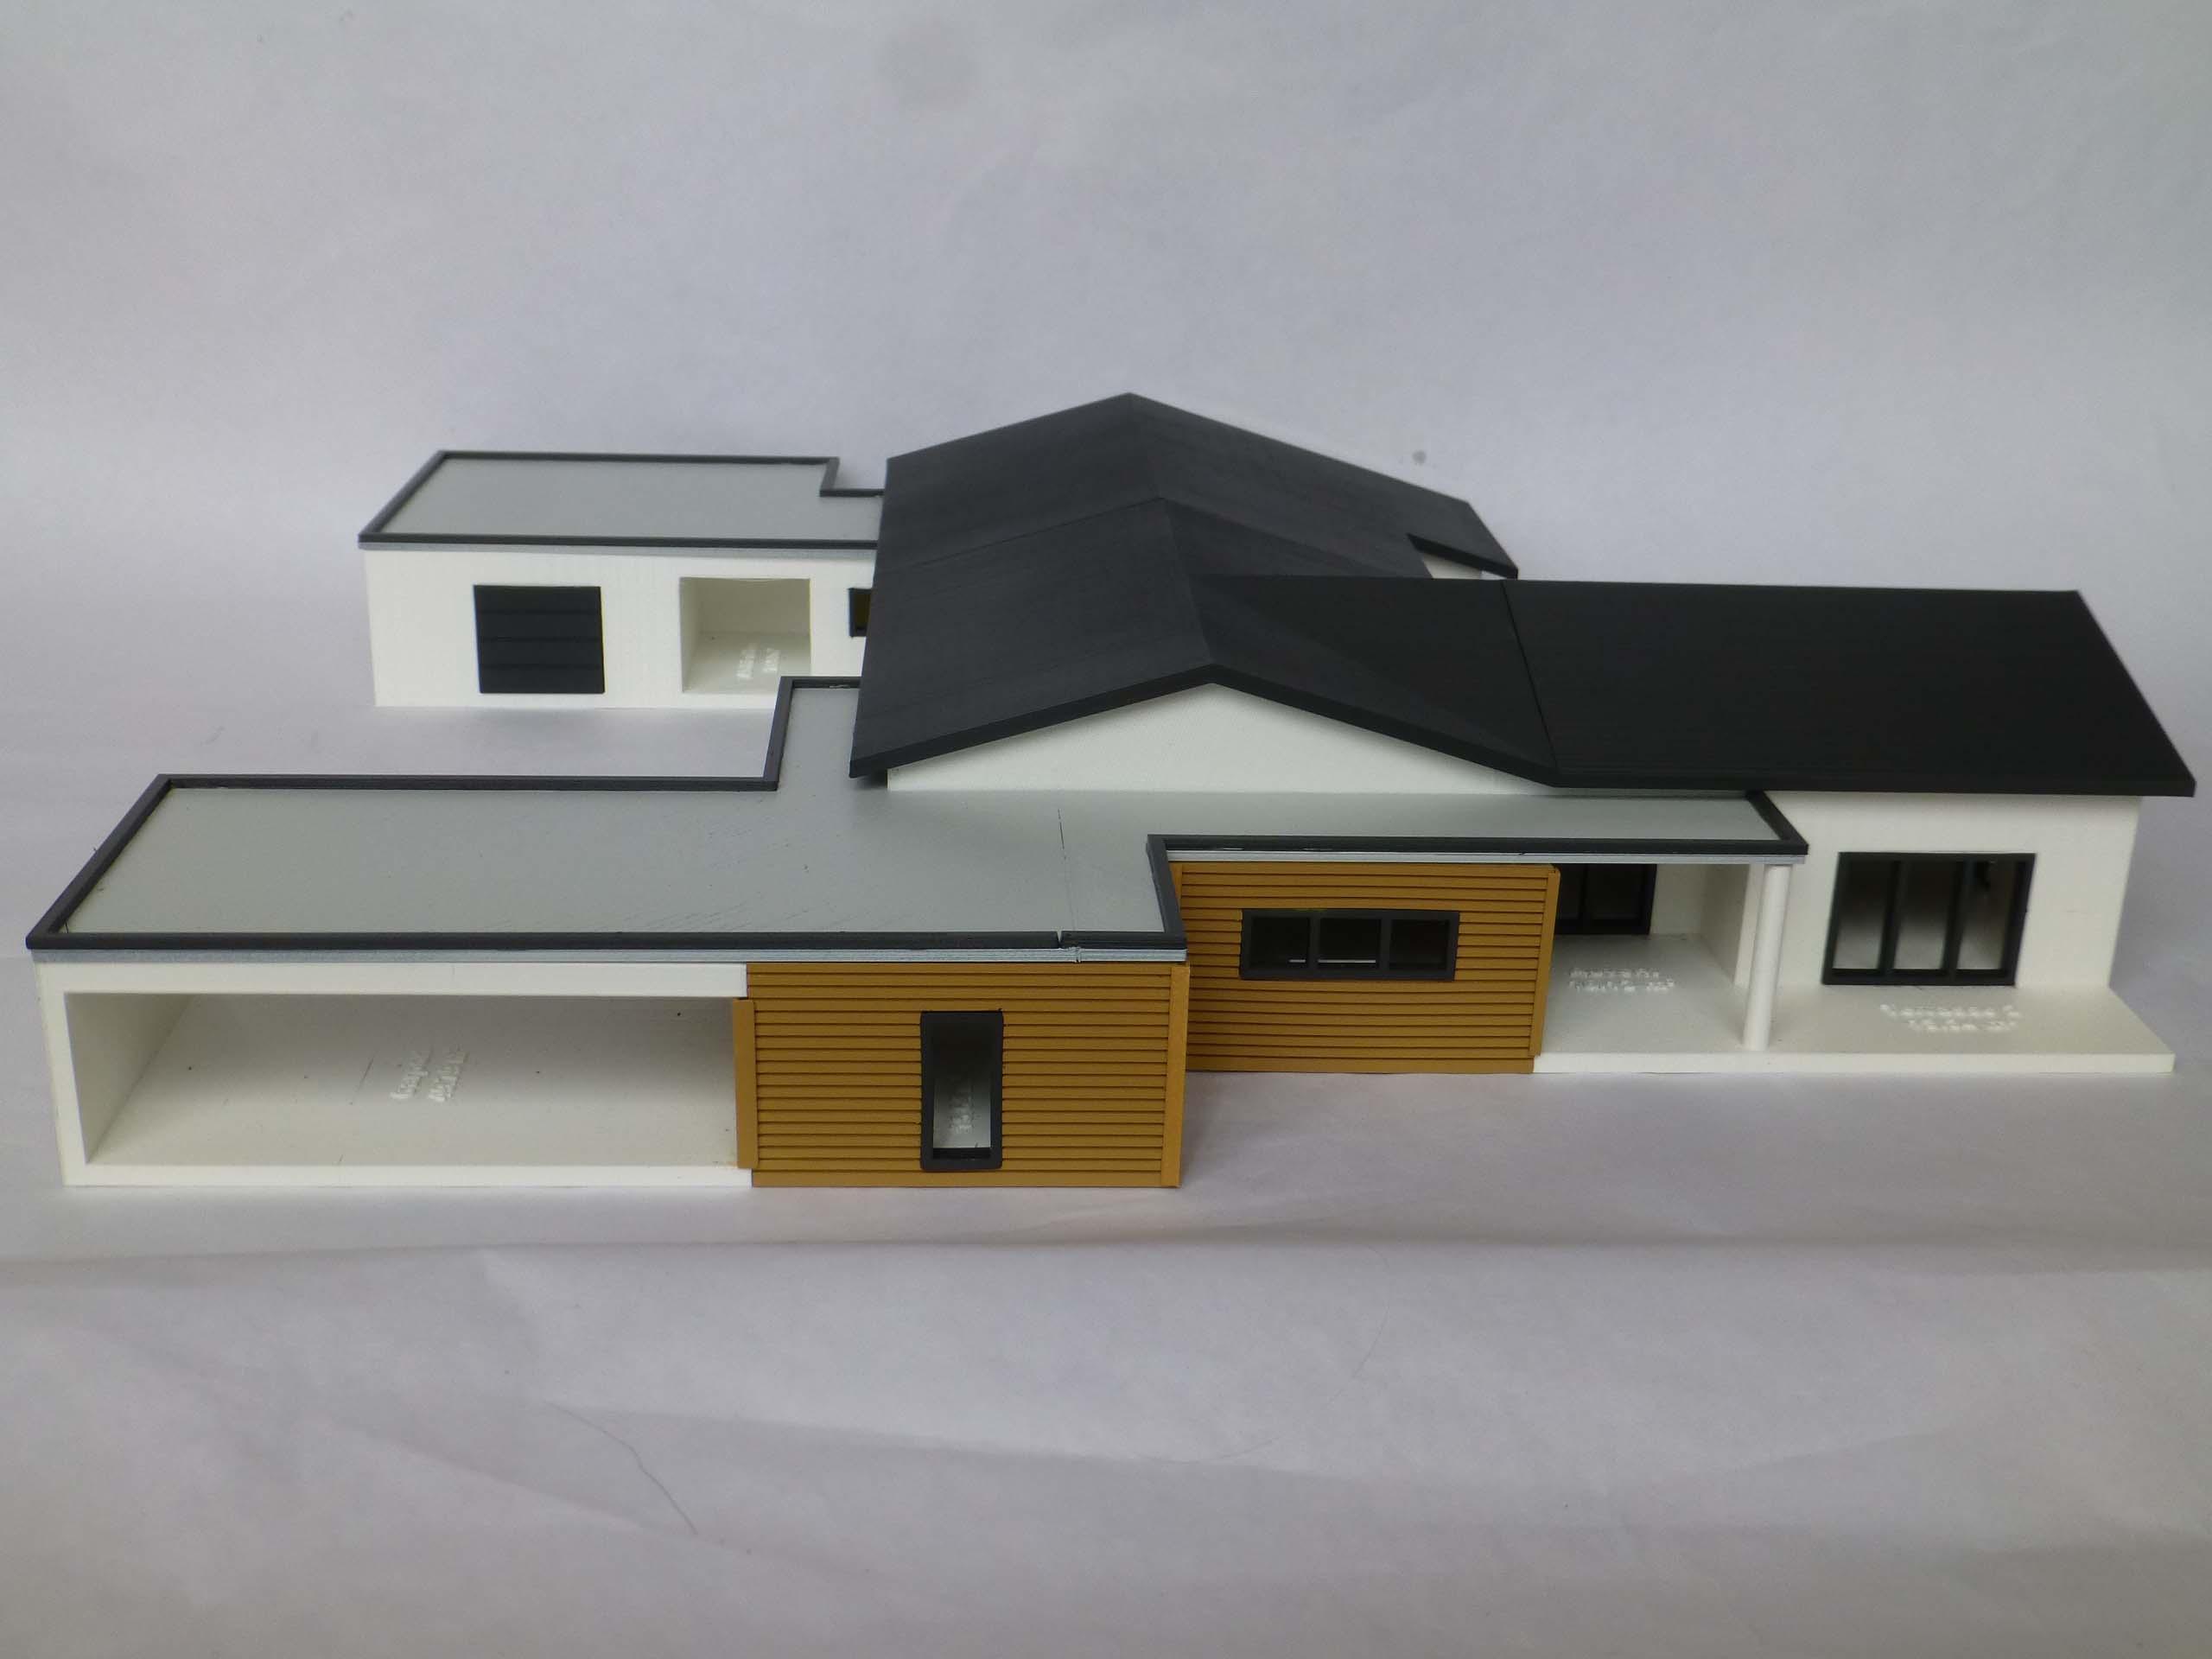 Maquette 3d Habitat Contemporain Objet Maker